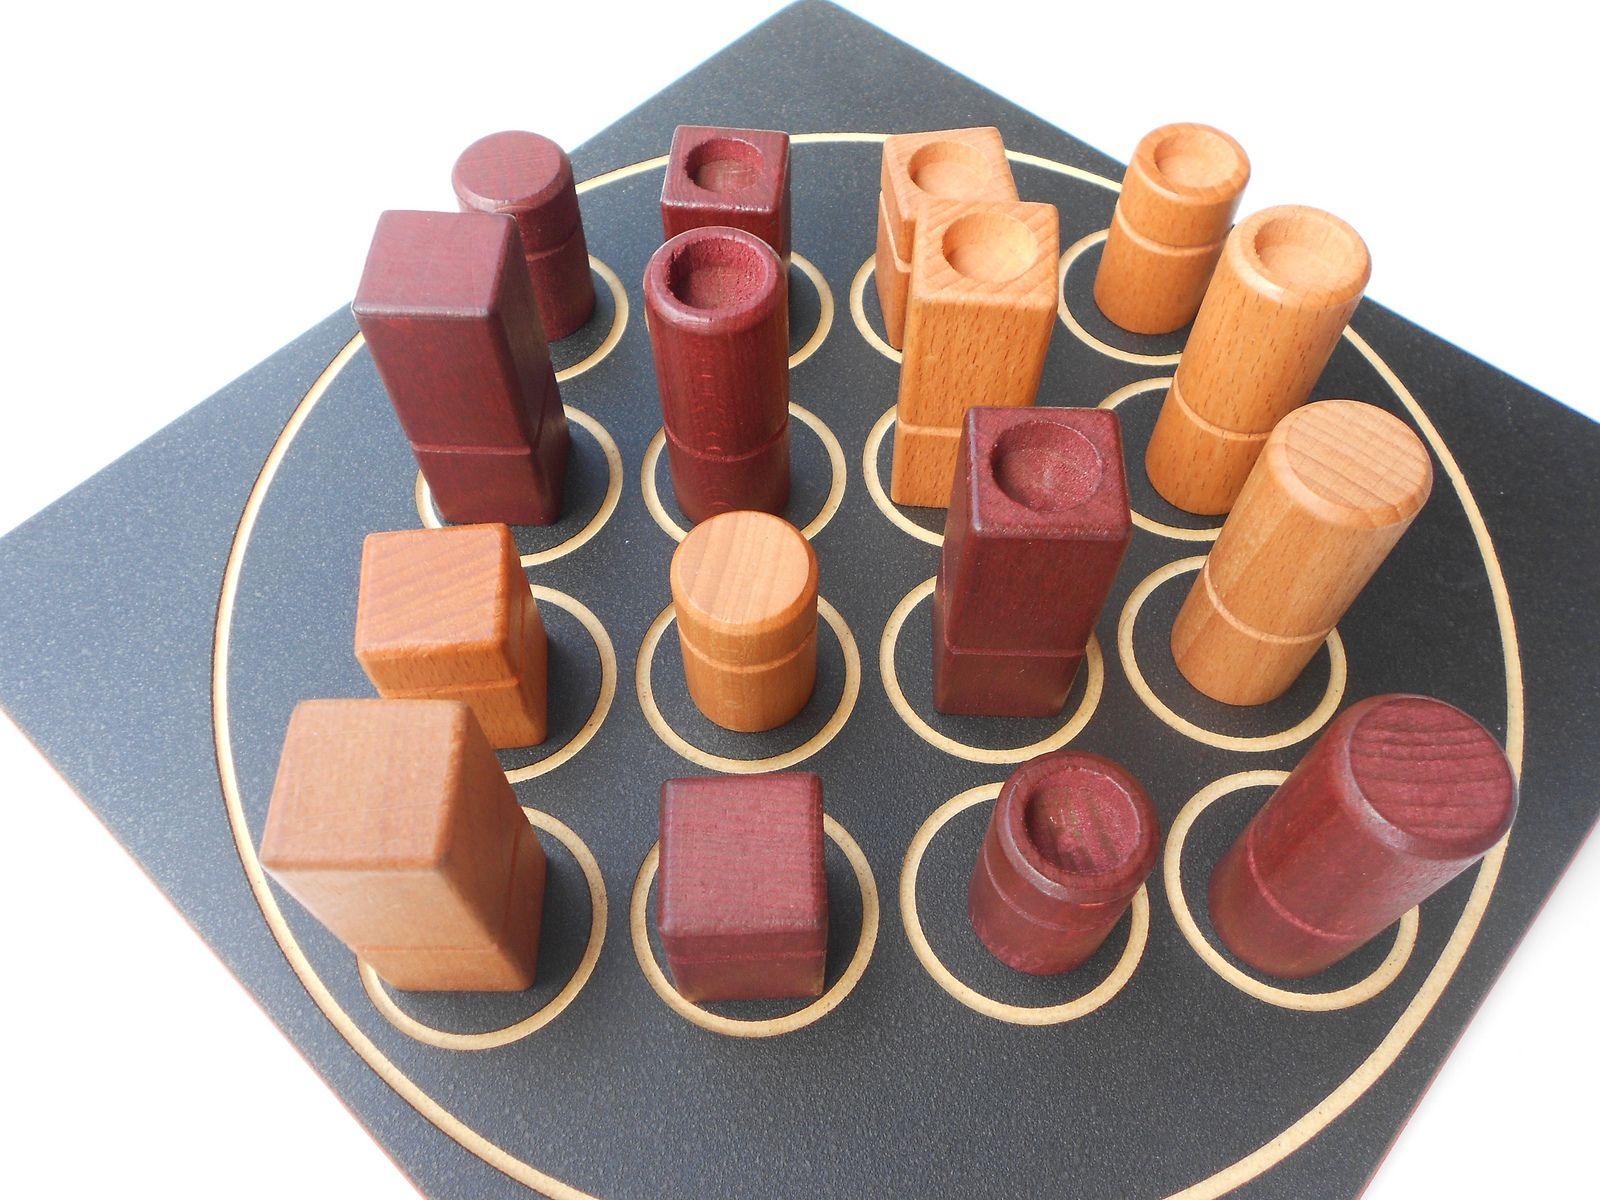 quarto - lu2 experts en jocs de taula